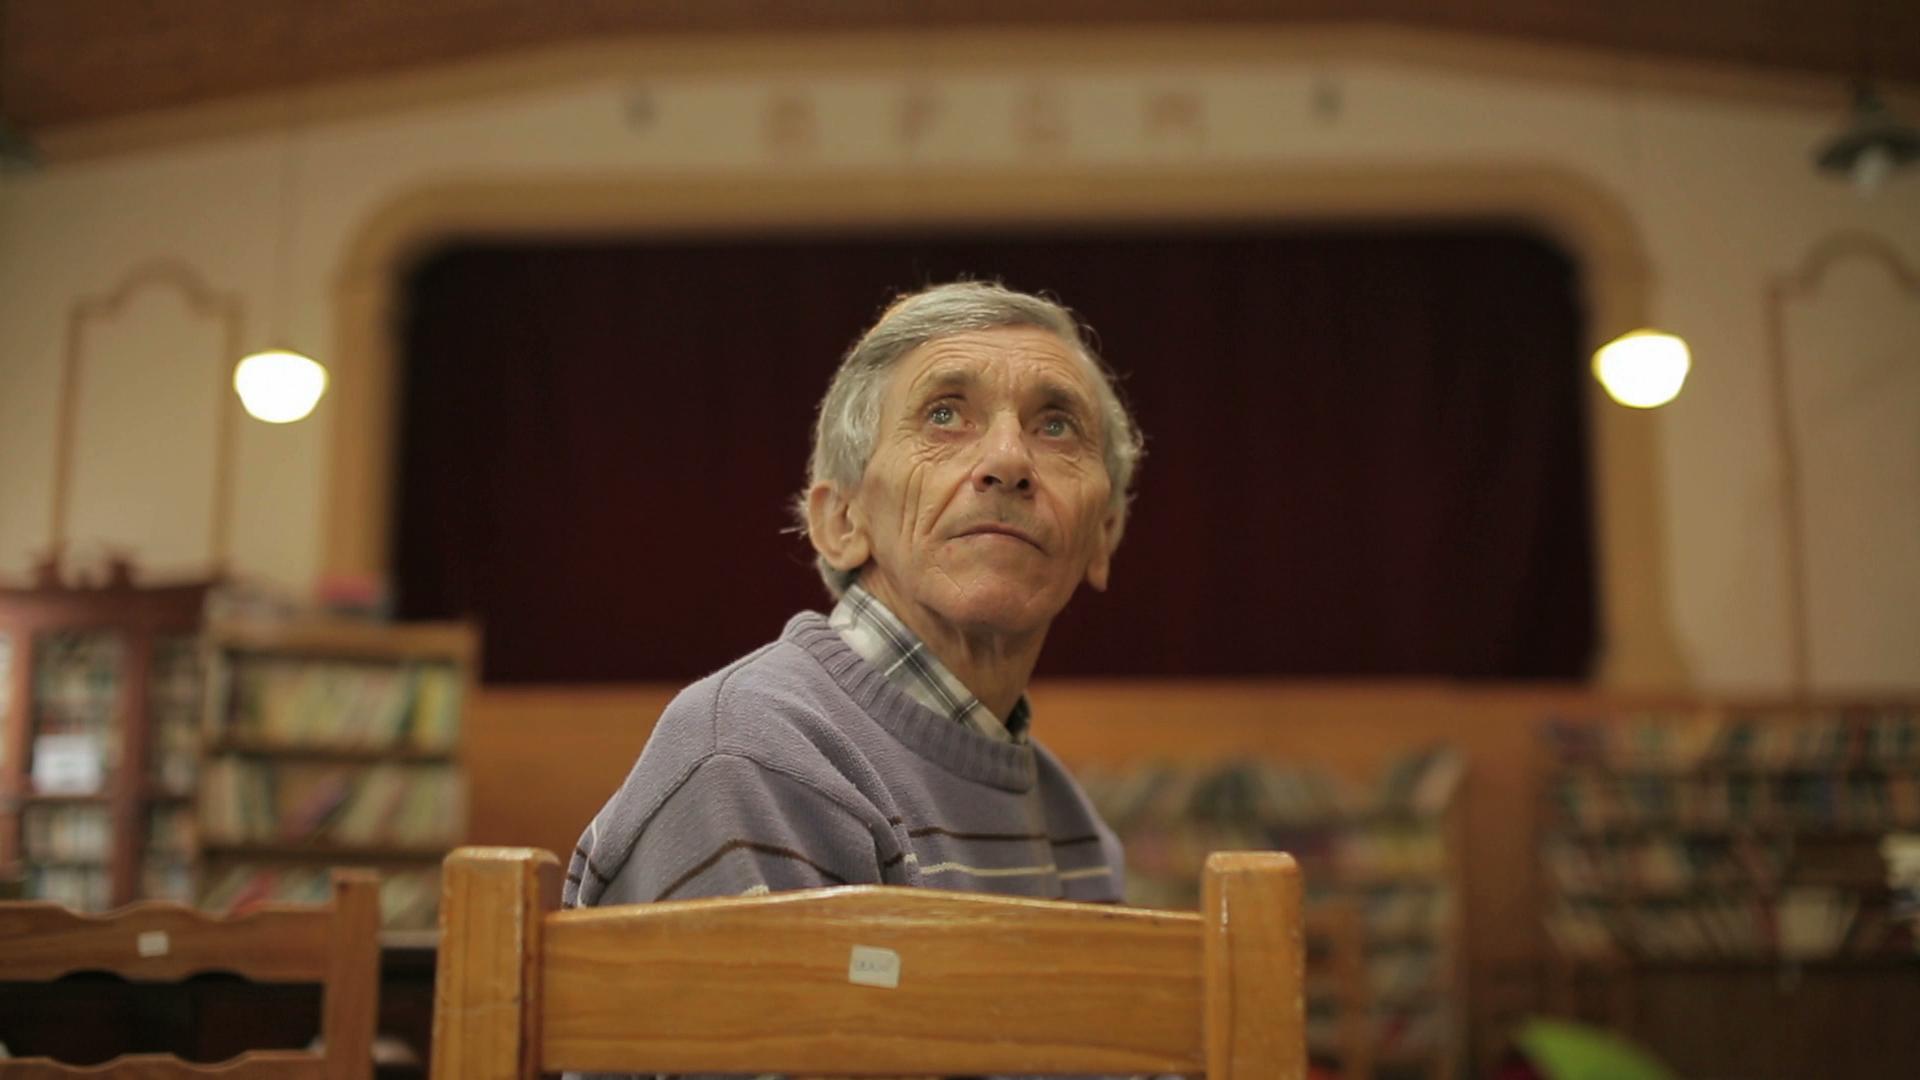 El sueño del pibe: construyó un cine en su casa - Radio Cantilo